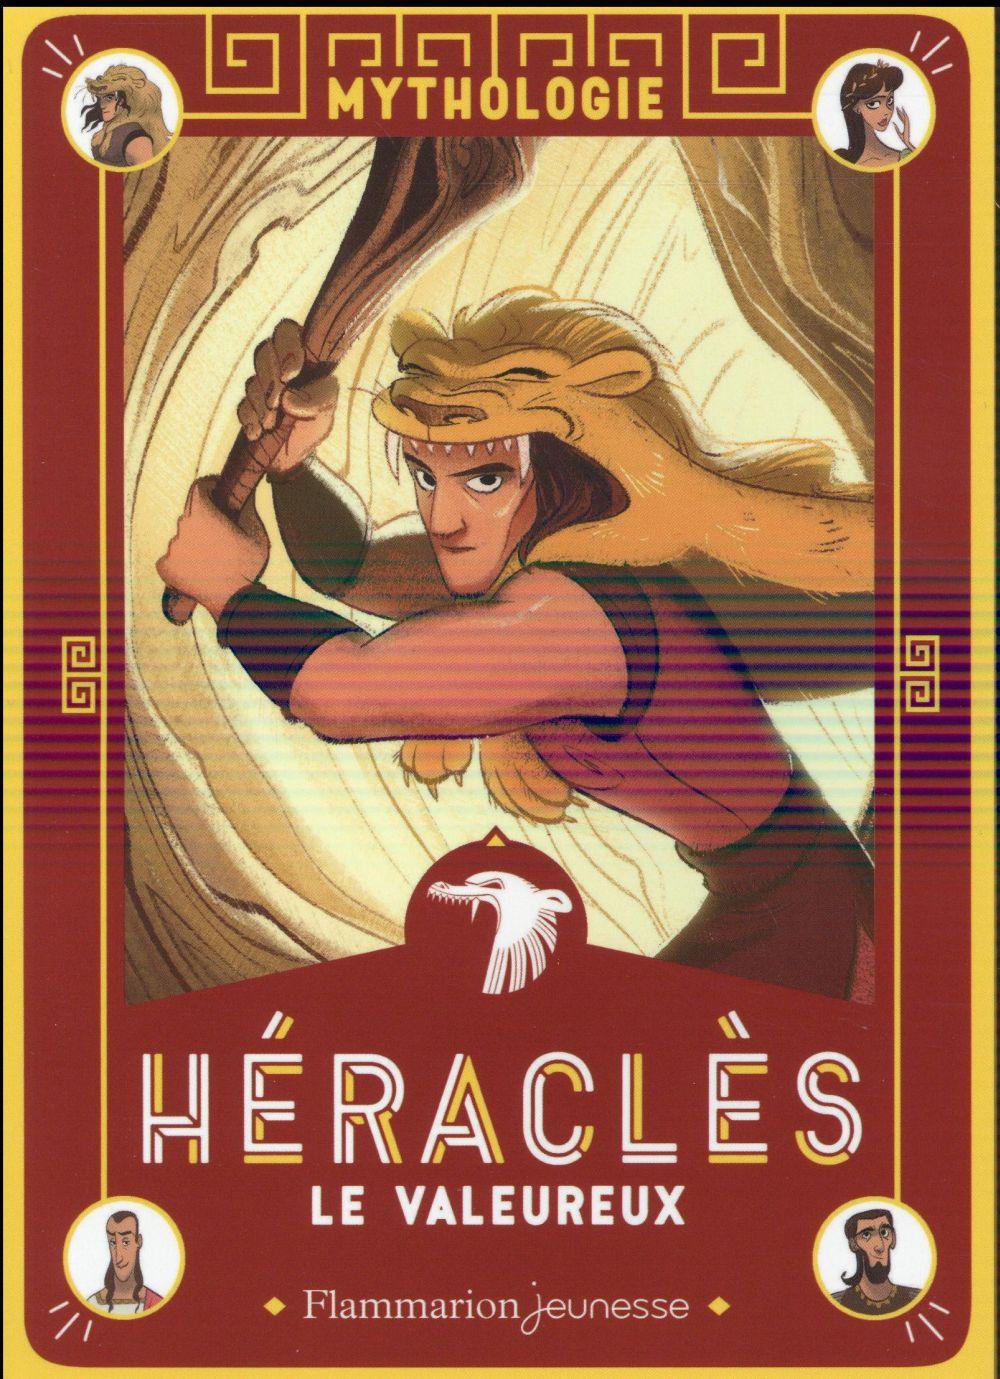 Heracles le valeureux